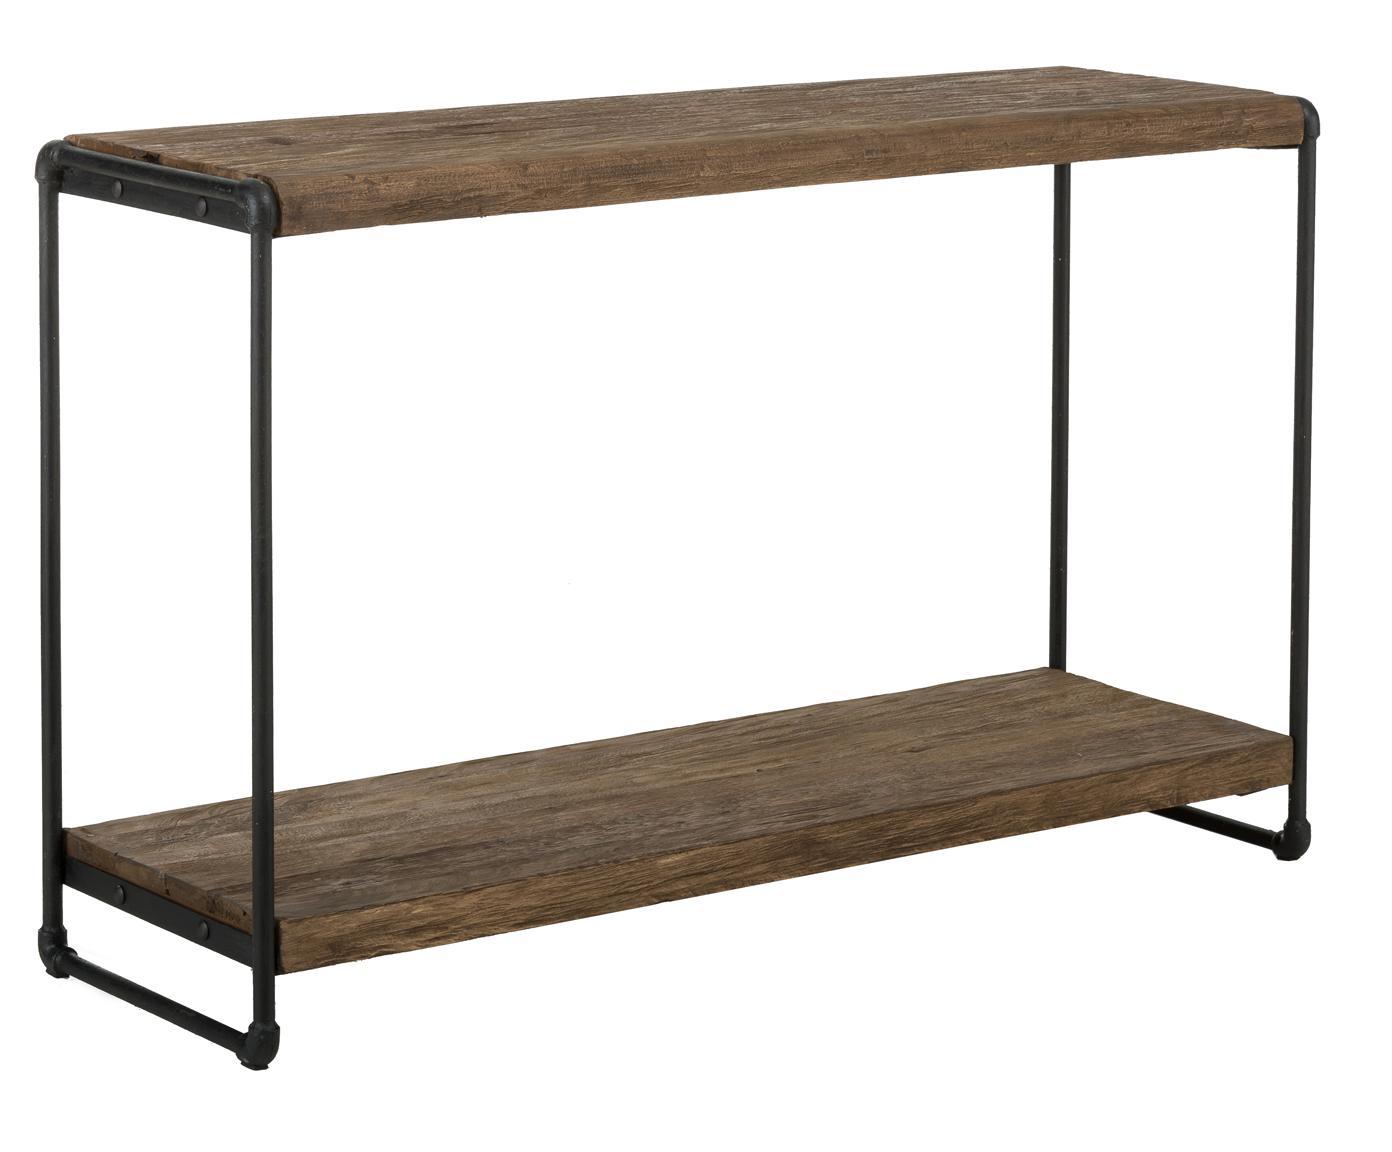 Sidetable Iron in industrieel ontwerp, Plank: natuurlijk teakhout, Frame: gepoedercoat metaal met b, Teakhoutkleurig, zwart, 125 x 80 cm